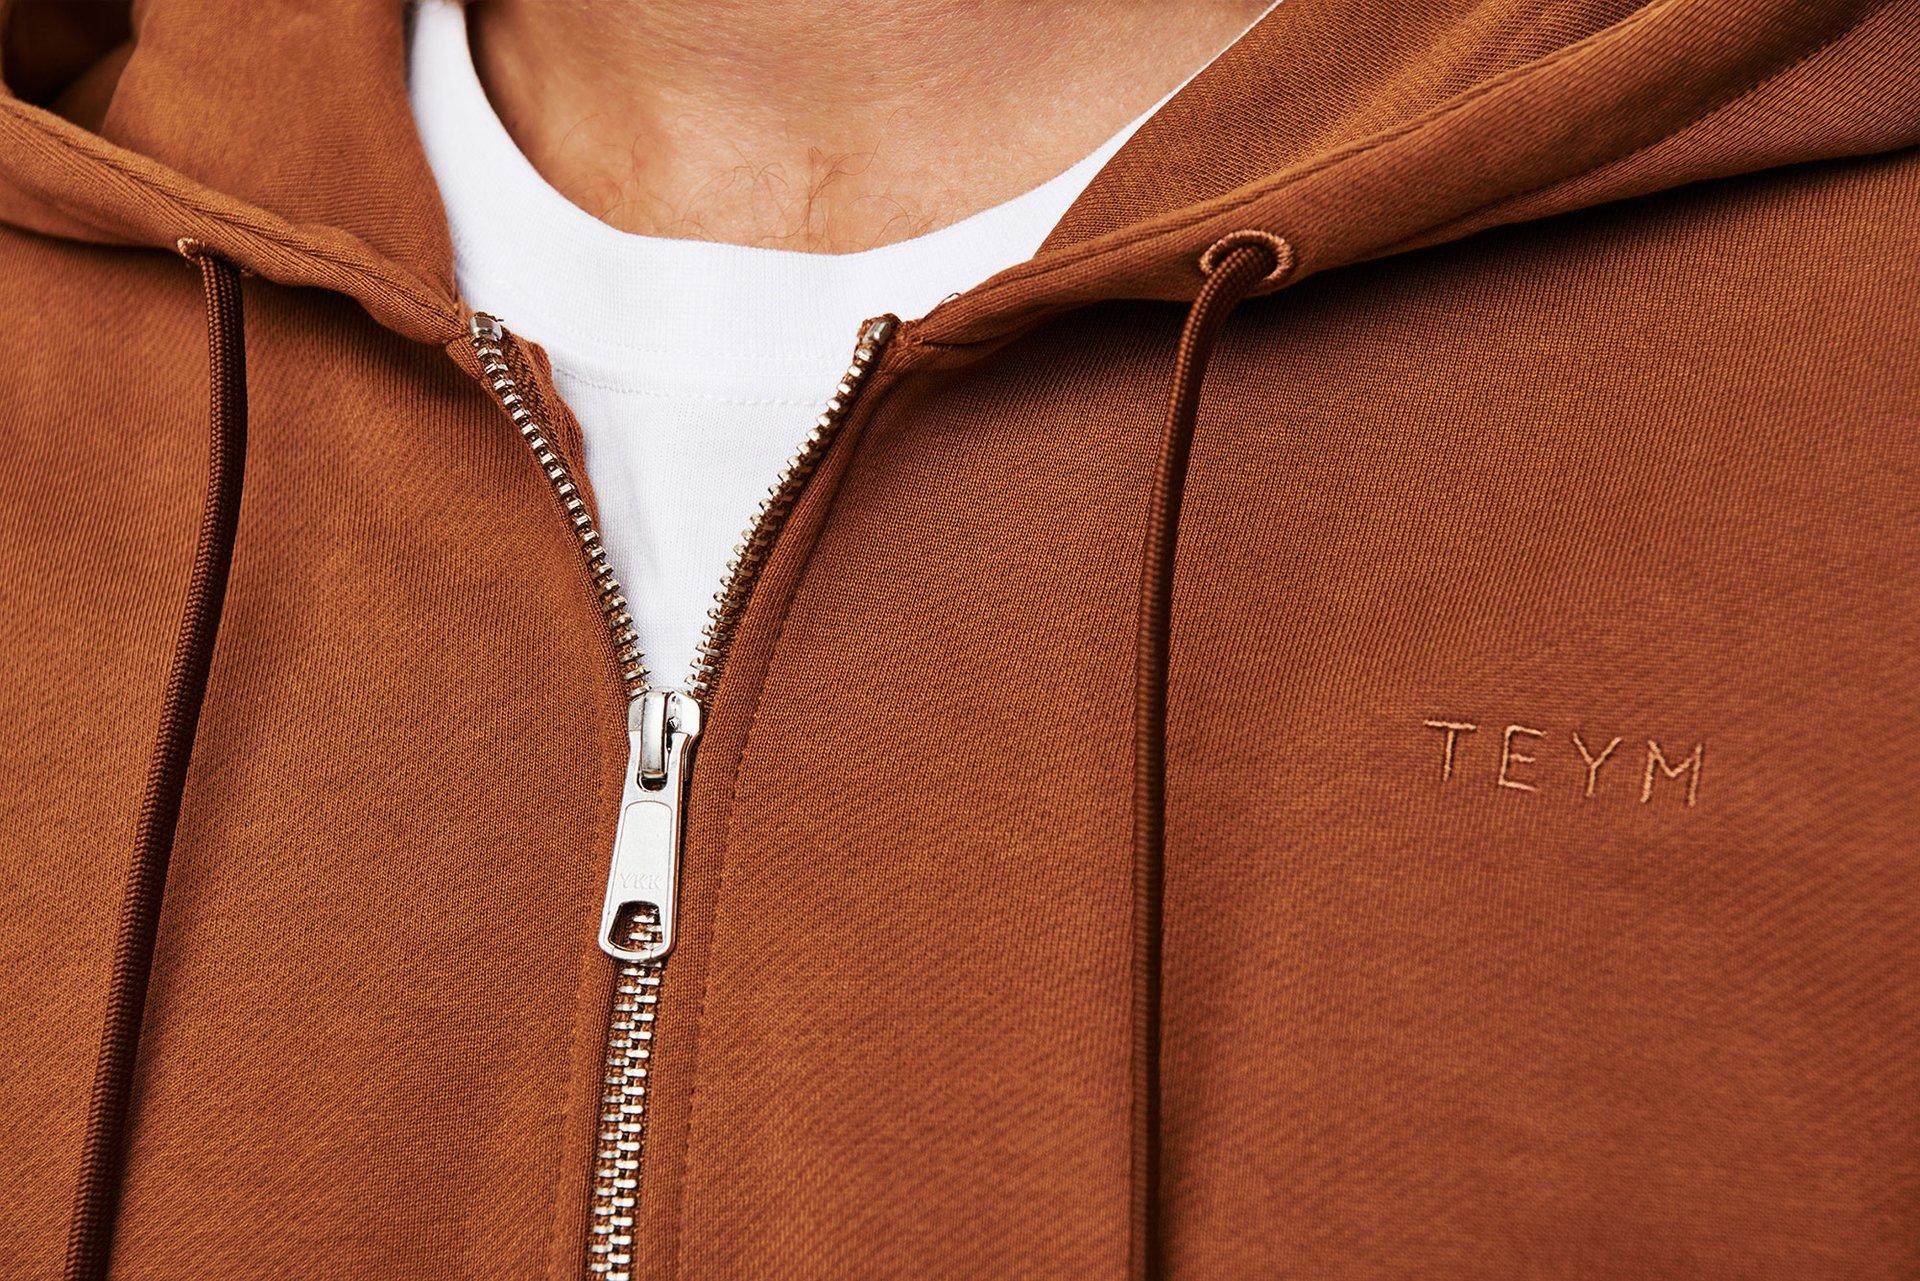 Teym-TheZipHoodie-Men-Camel03